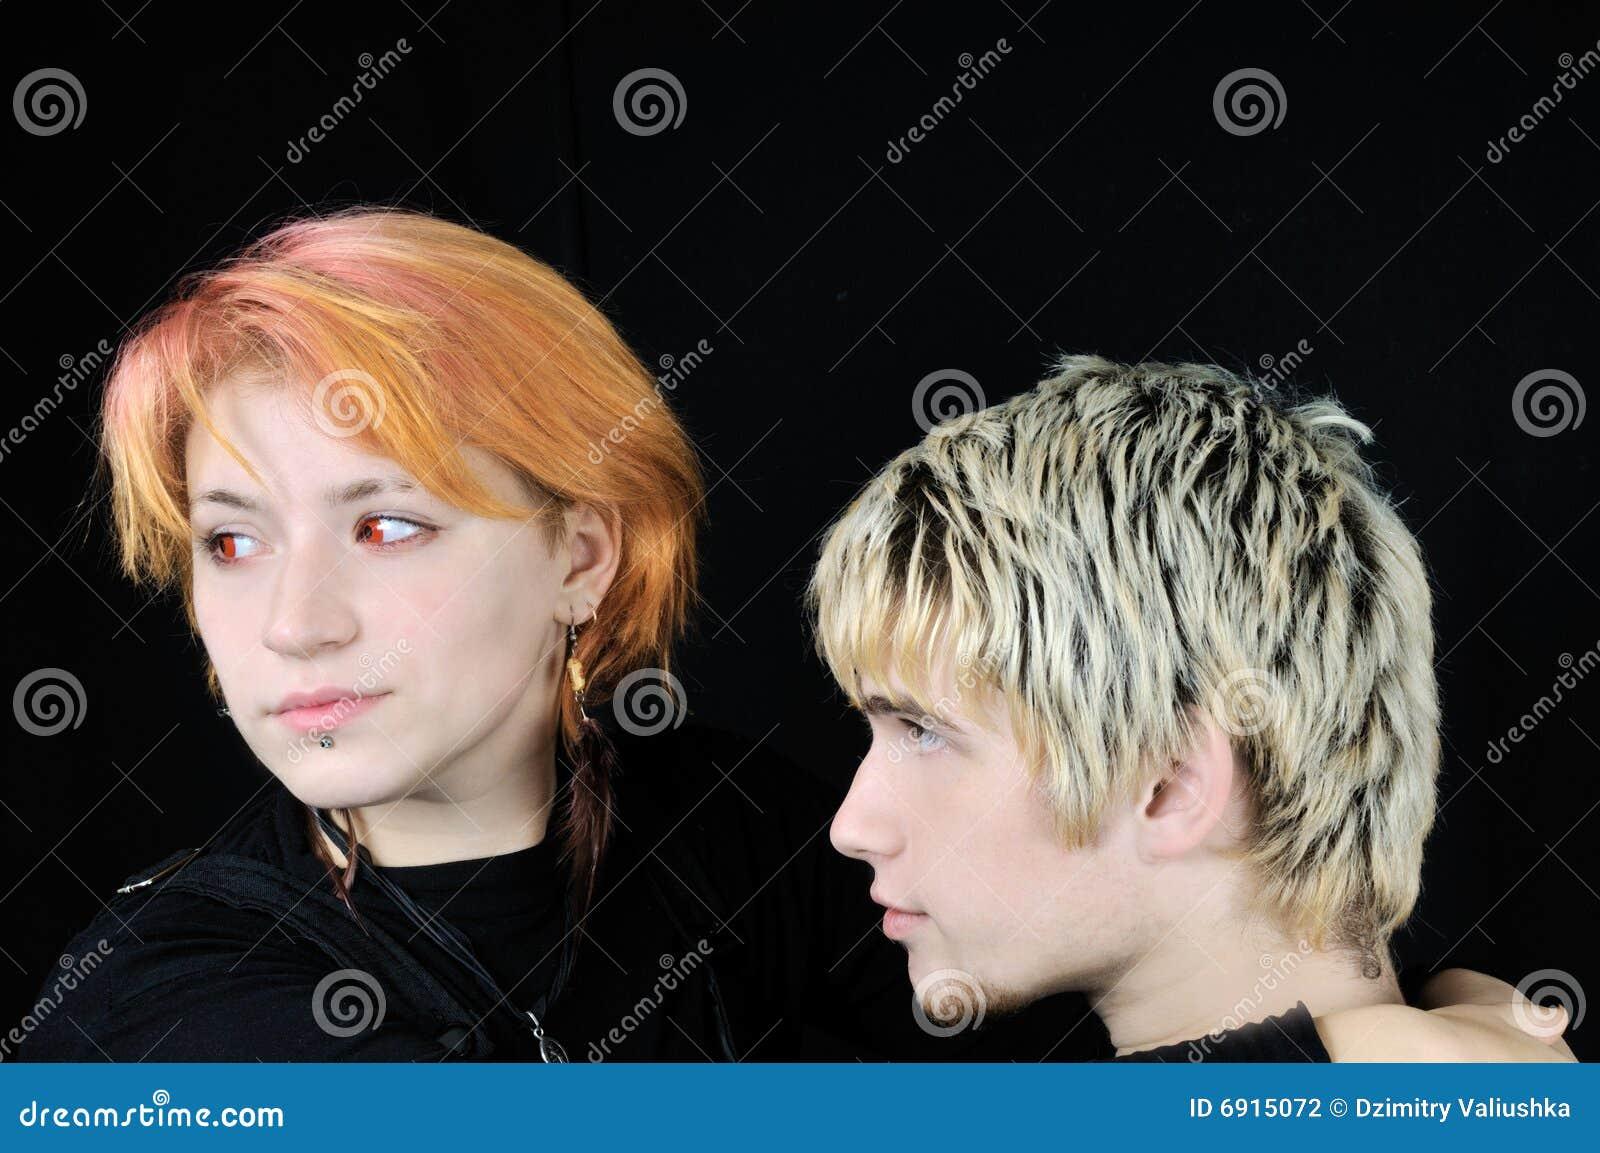 young guy girl: